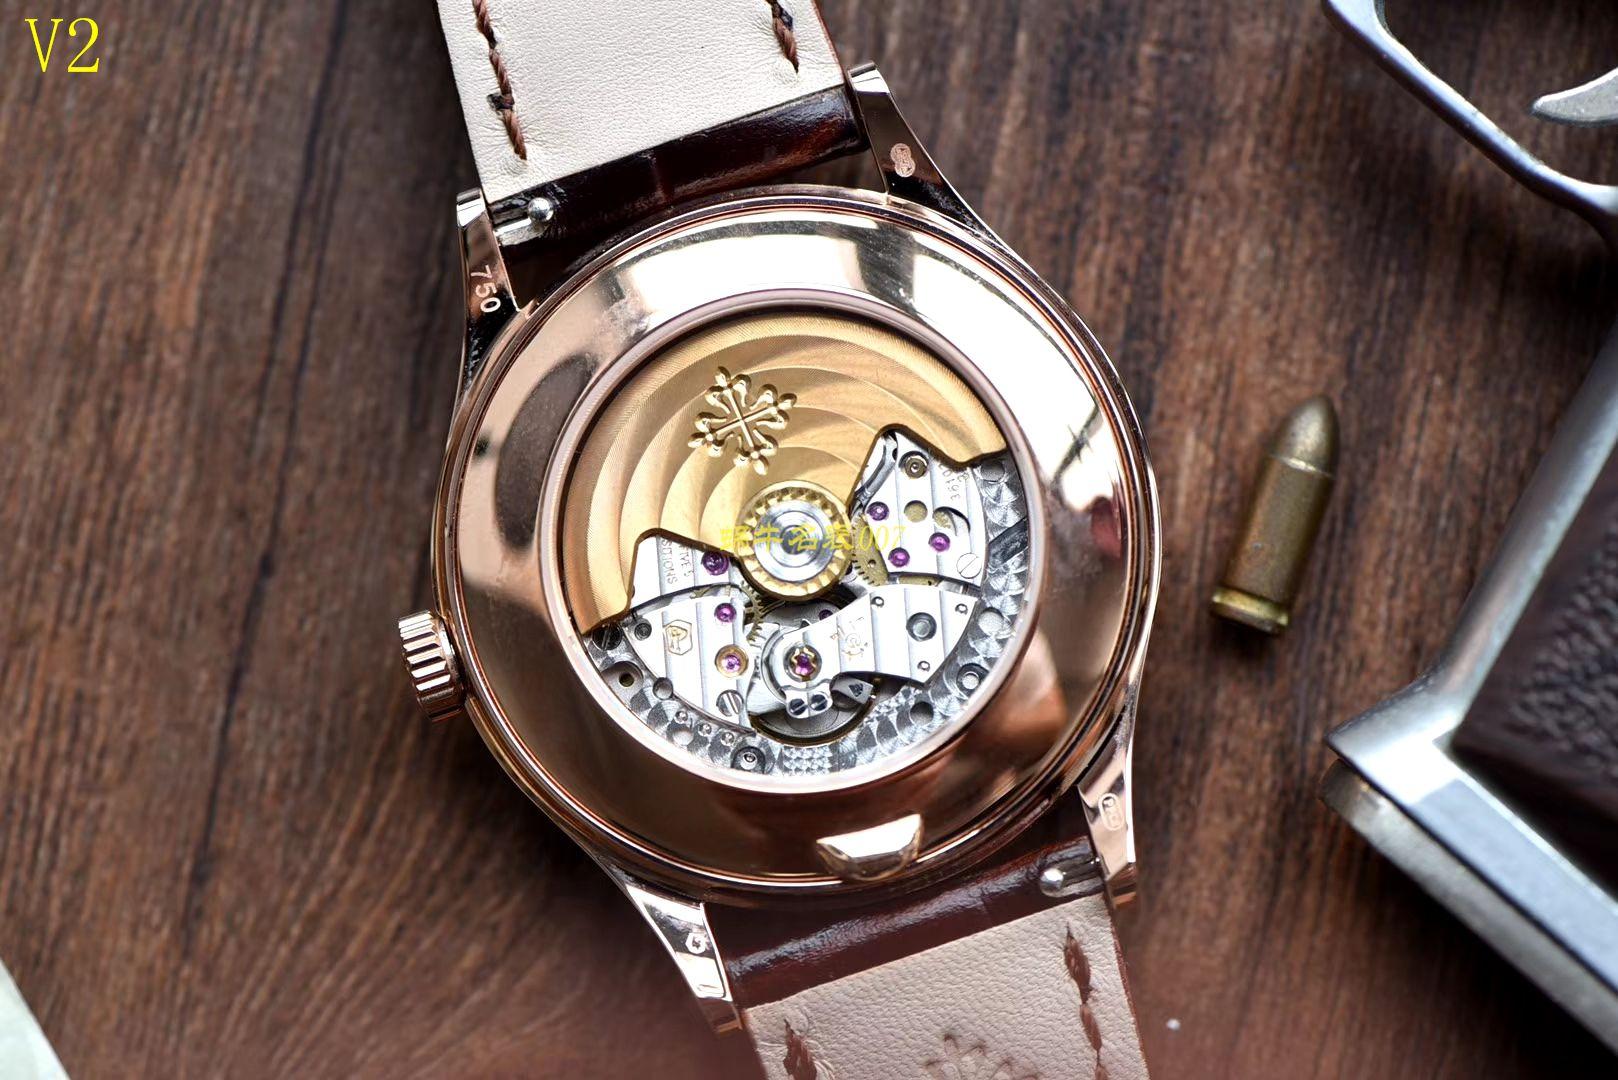 百达翡丽复杂功能计时系列5396R-015腕表【KM一比一高仿手表】 / BD230